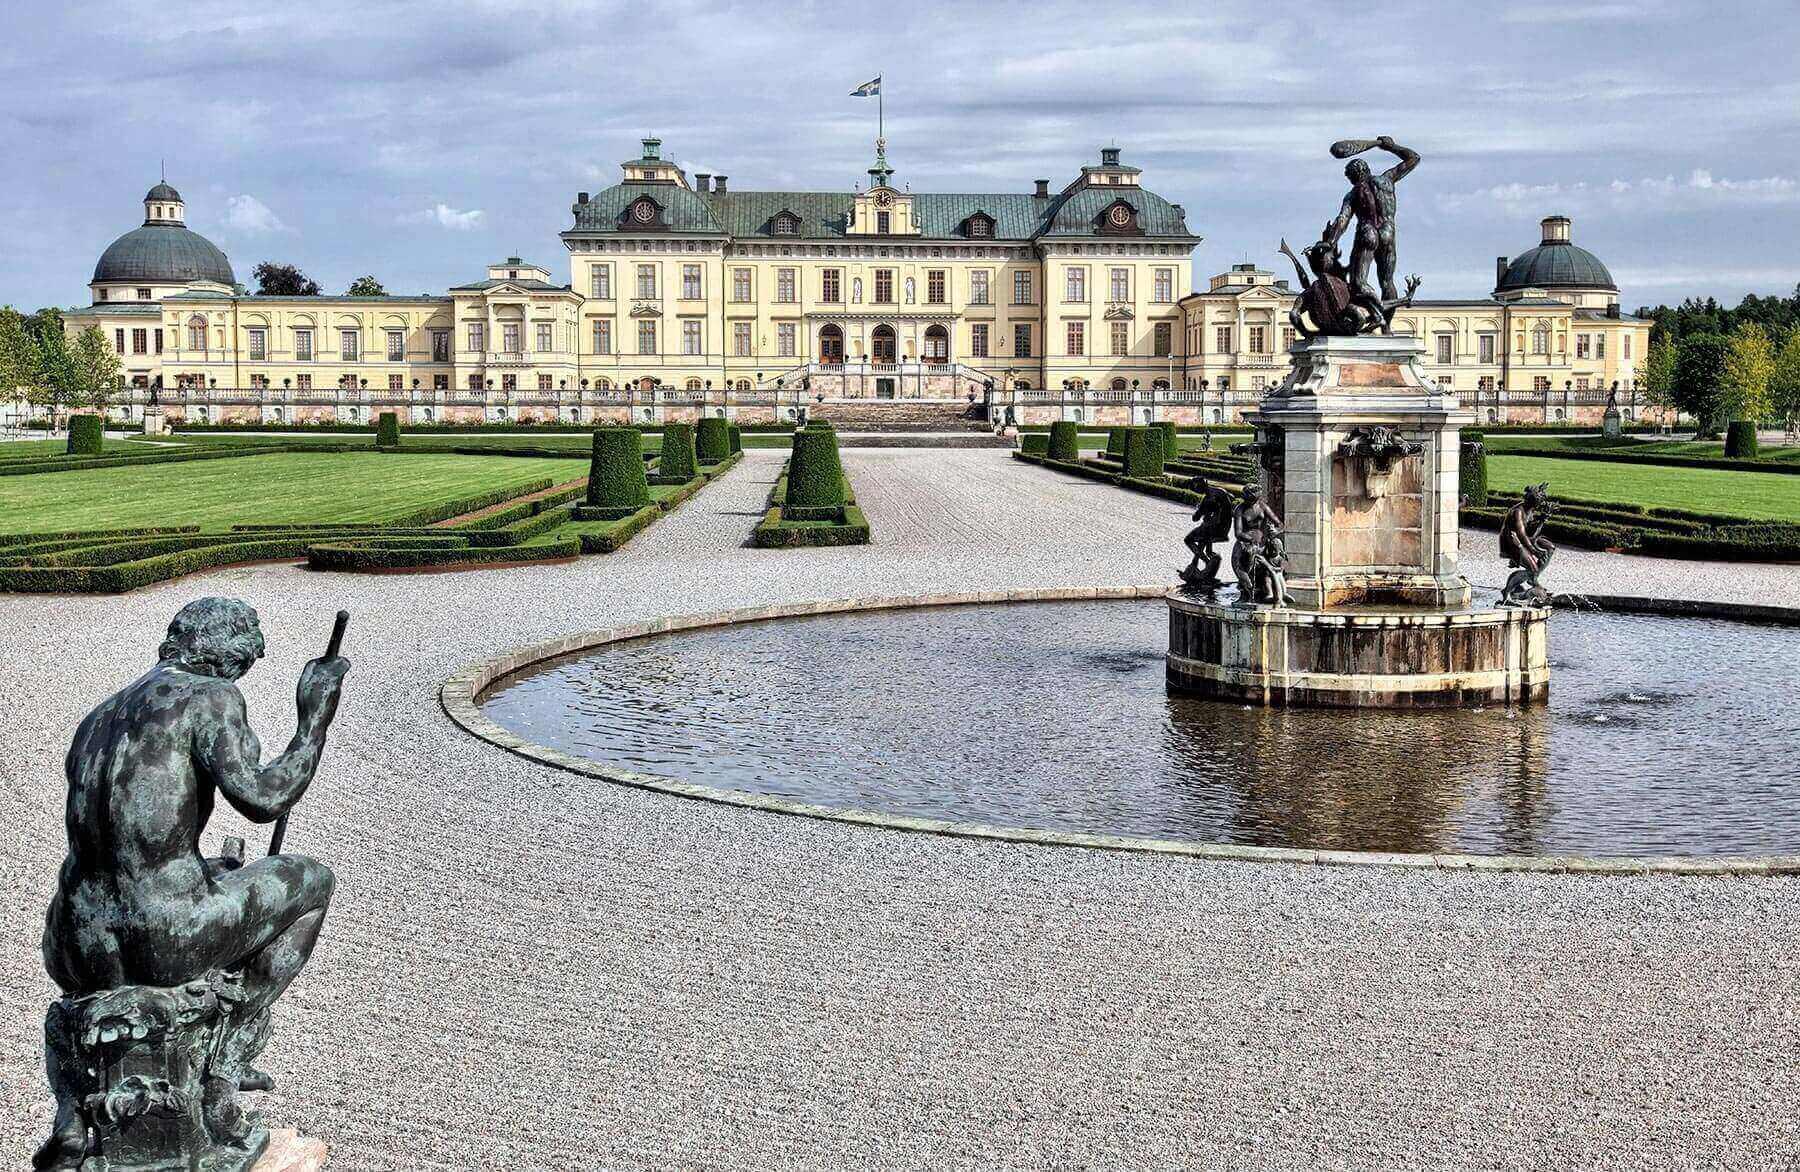 monument à Stockholm